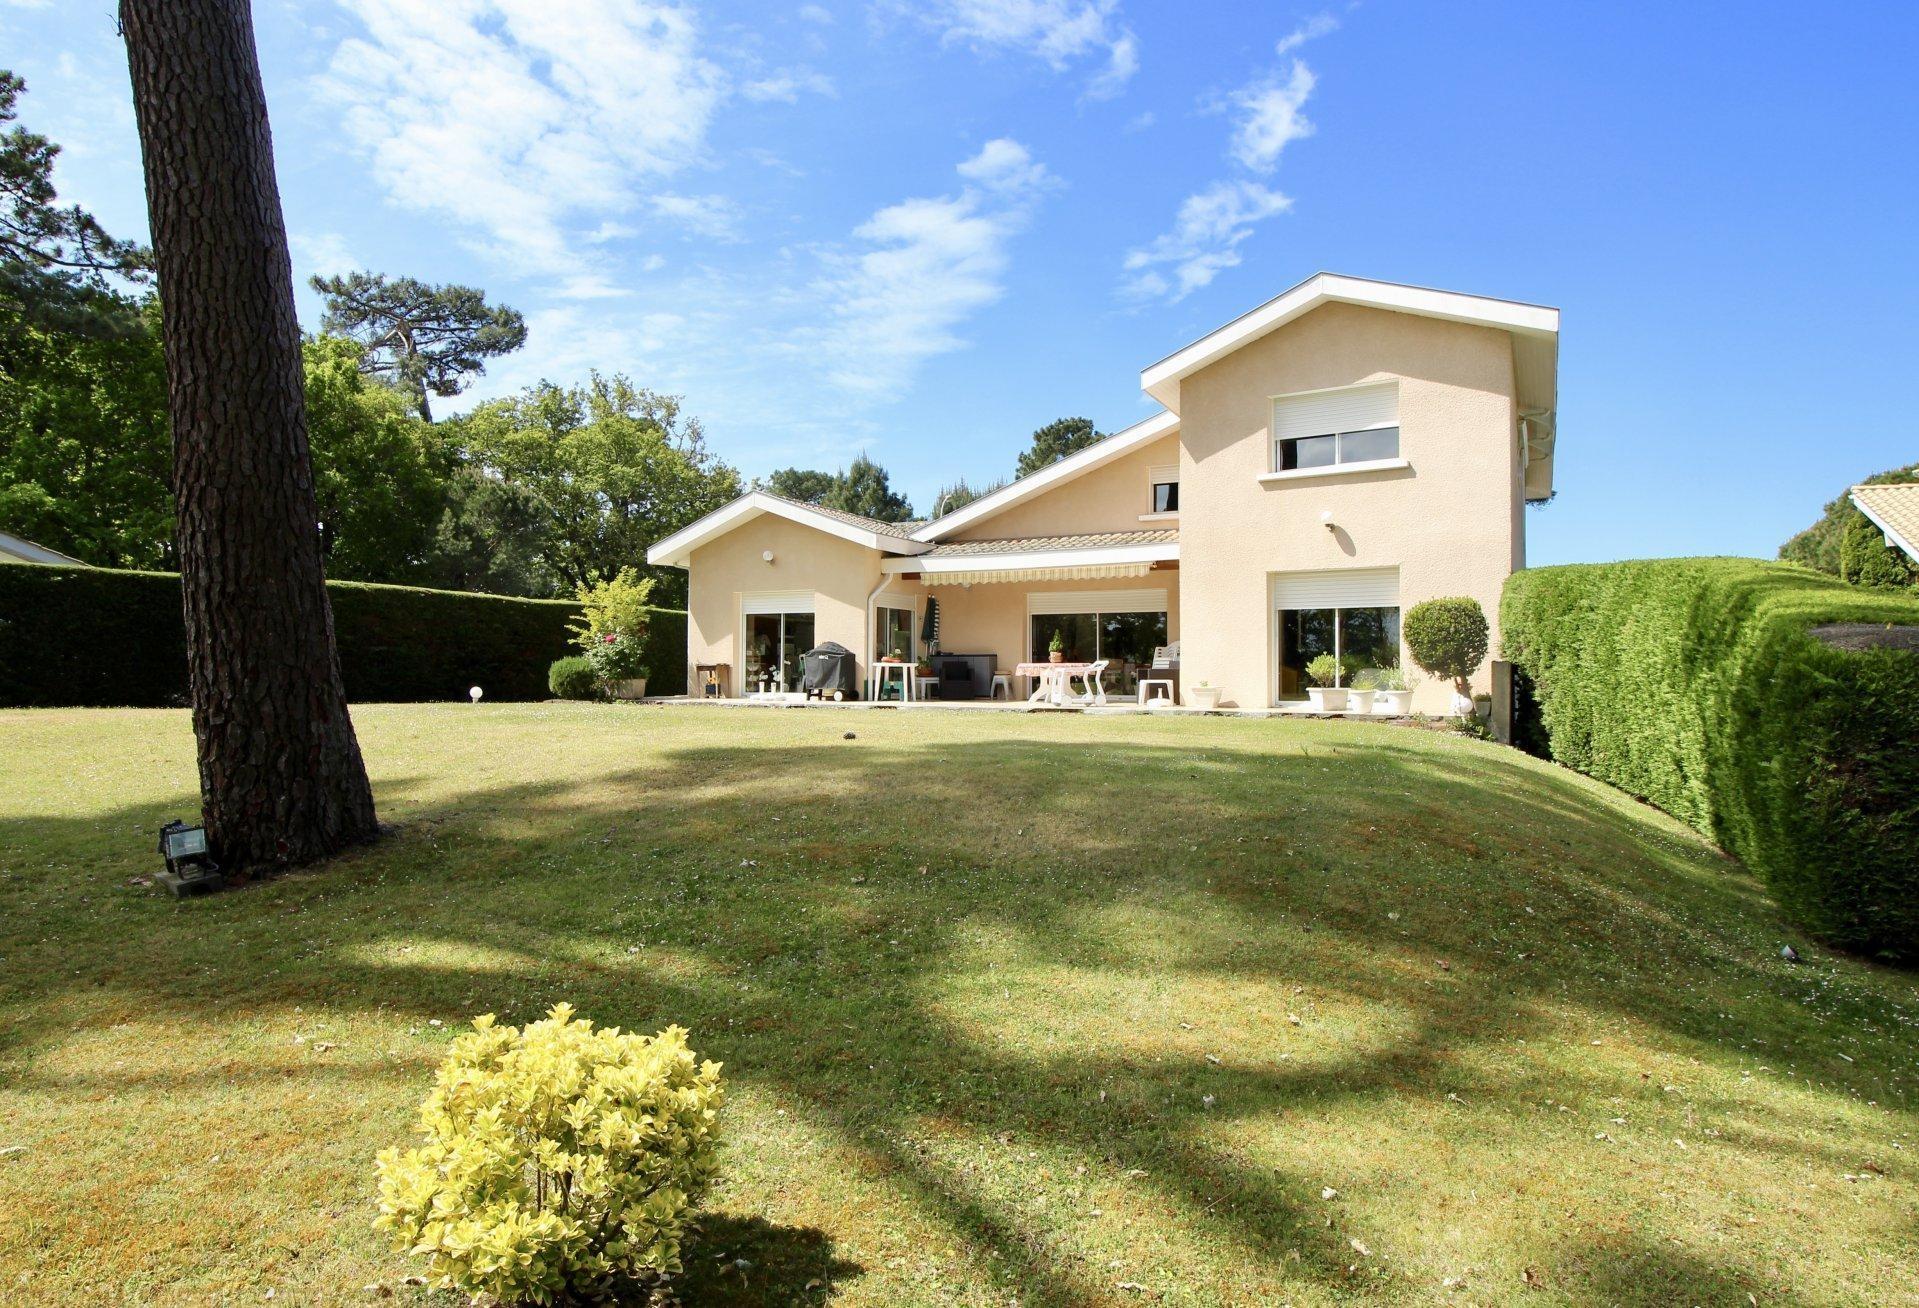 Vente maison villa pyla proche plage villa contemporaine for Vente maison moderne